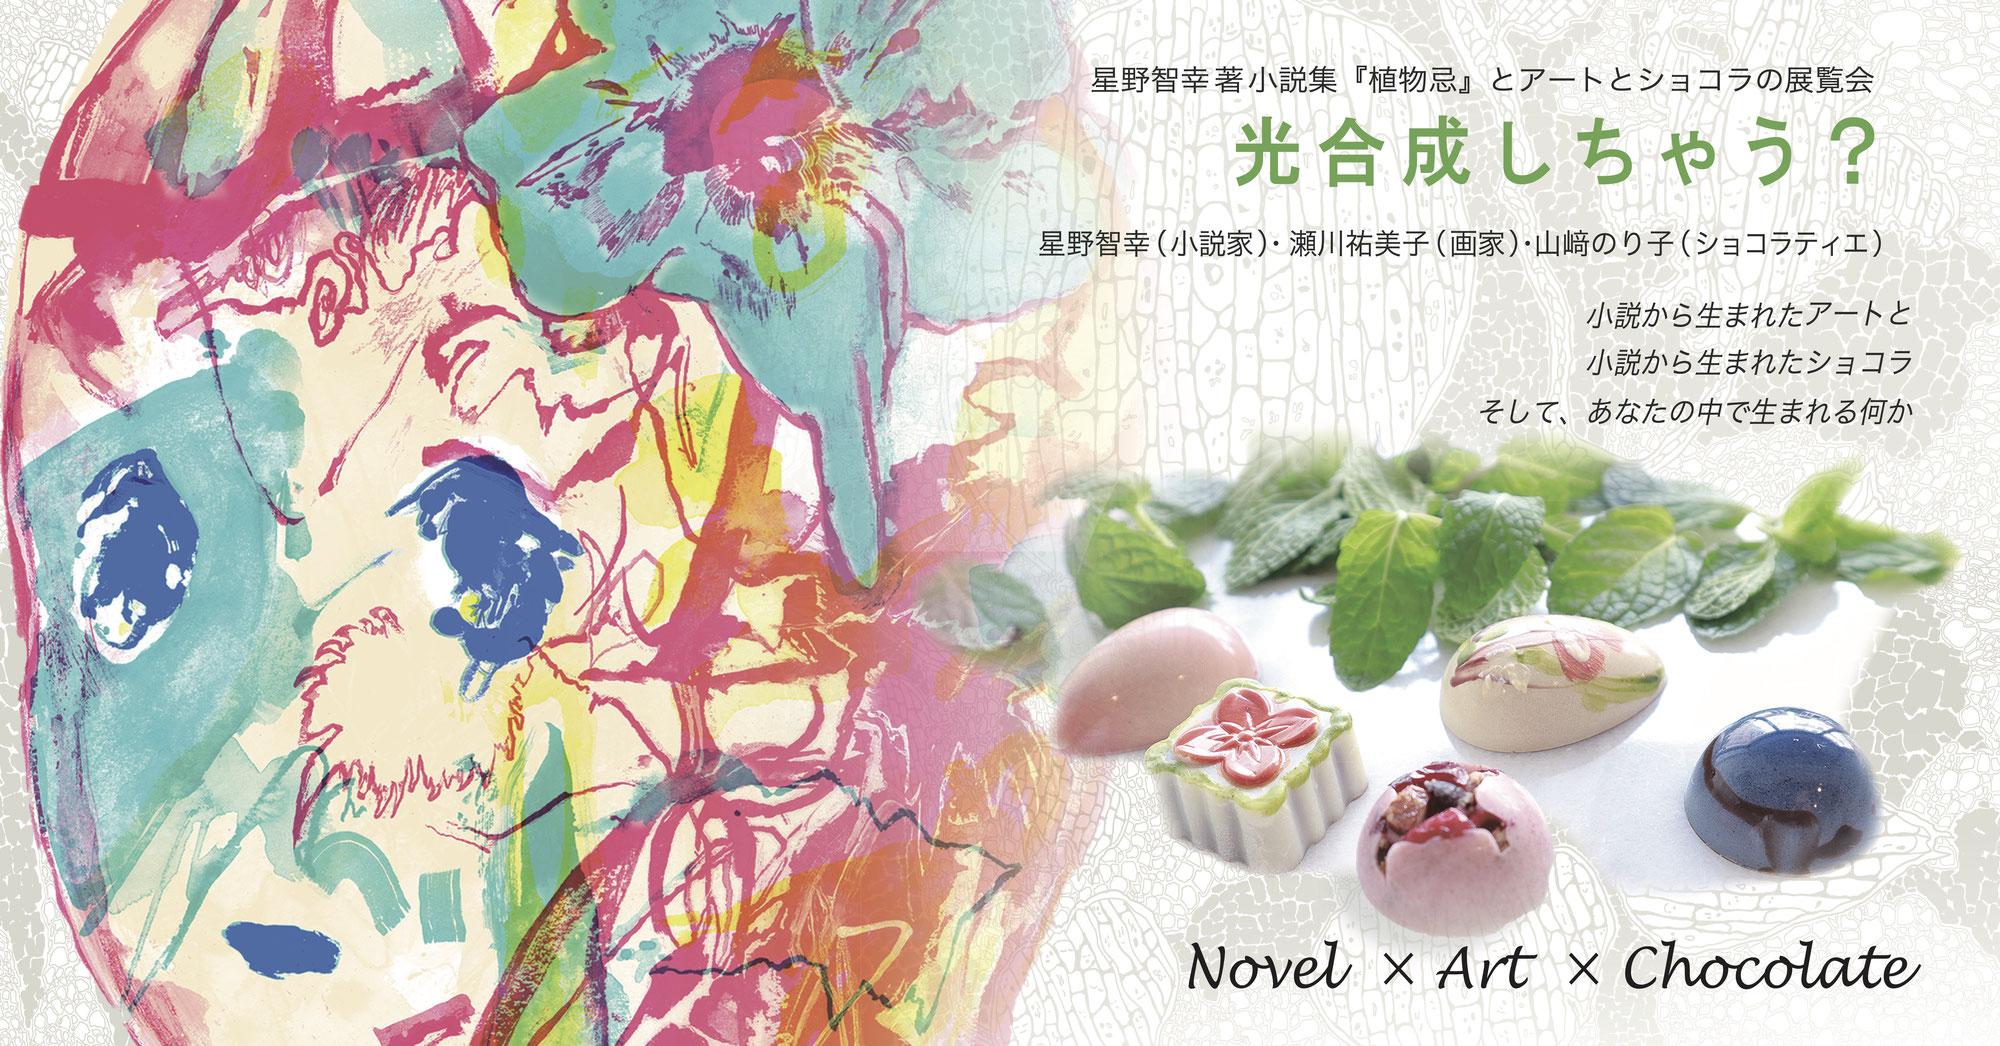 小説から生まれたアートとショコラの展覧会「光合成しちゃう?」